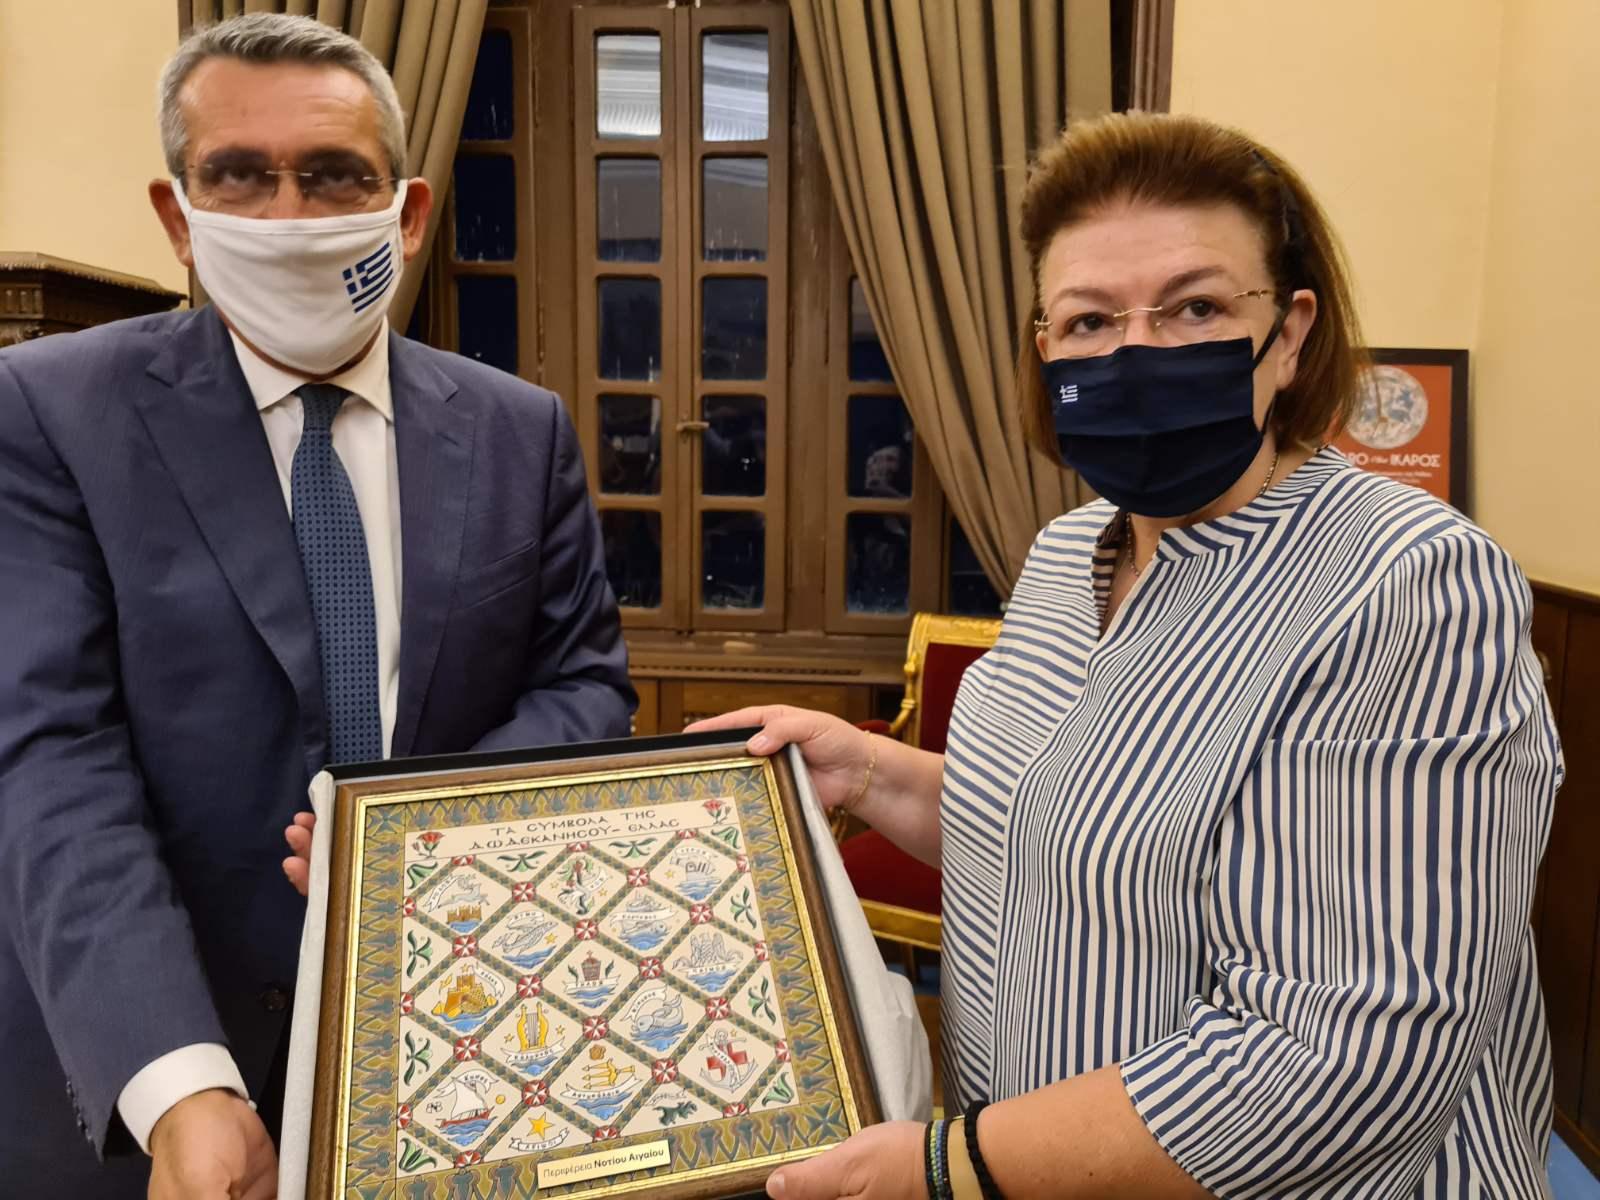 Παραγωγική συνάντηση εργασίας του Περιφερειάρχη Ν. Αιγαίου με την Υπουργό Πολιτισμού Λίνα Μενδώνη